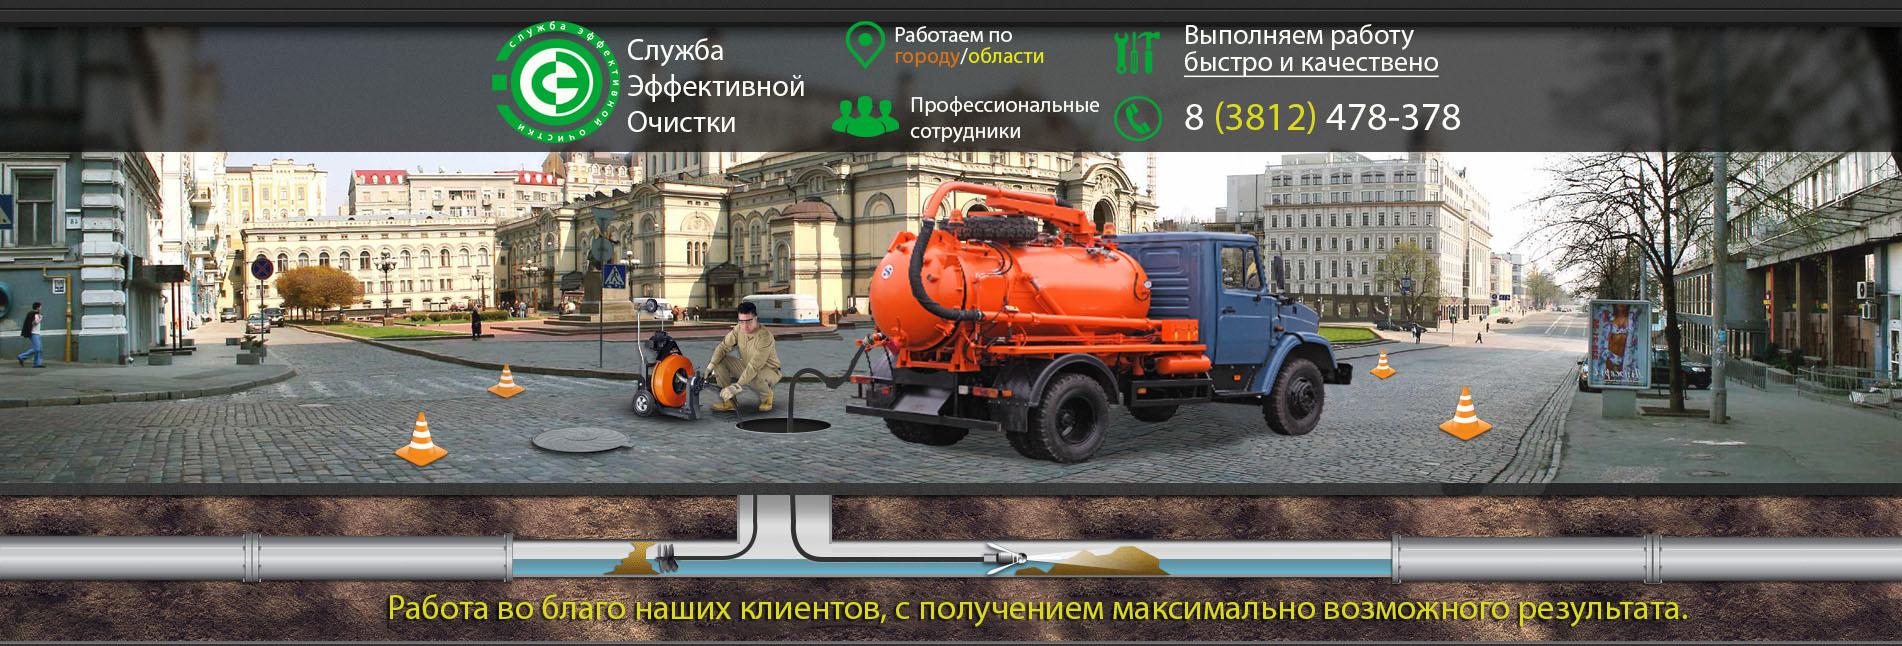 Служба эффективной  очистки в Омске: Прочистка канализации, устранение засоров, илососная машина в Омске, ассенизаторские услуги, откачка септиков, откачка выгребных ям дешево, быстро и качественно! Номер телефона: 8 (3812)-478-378